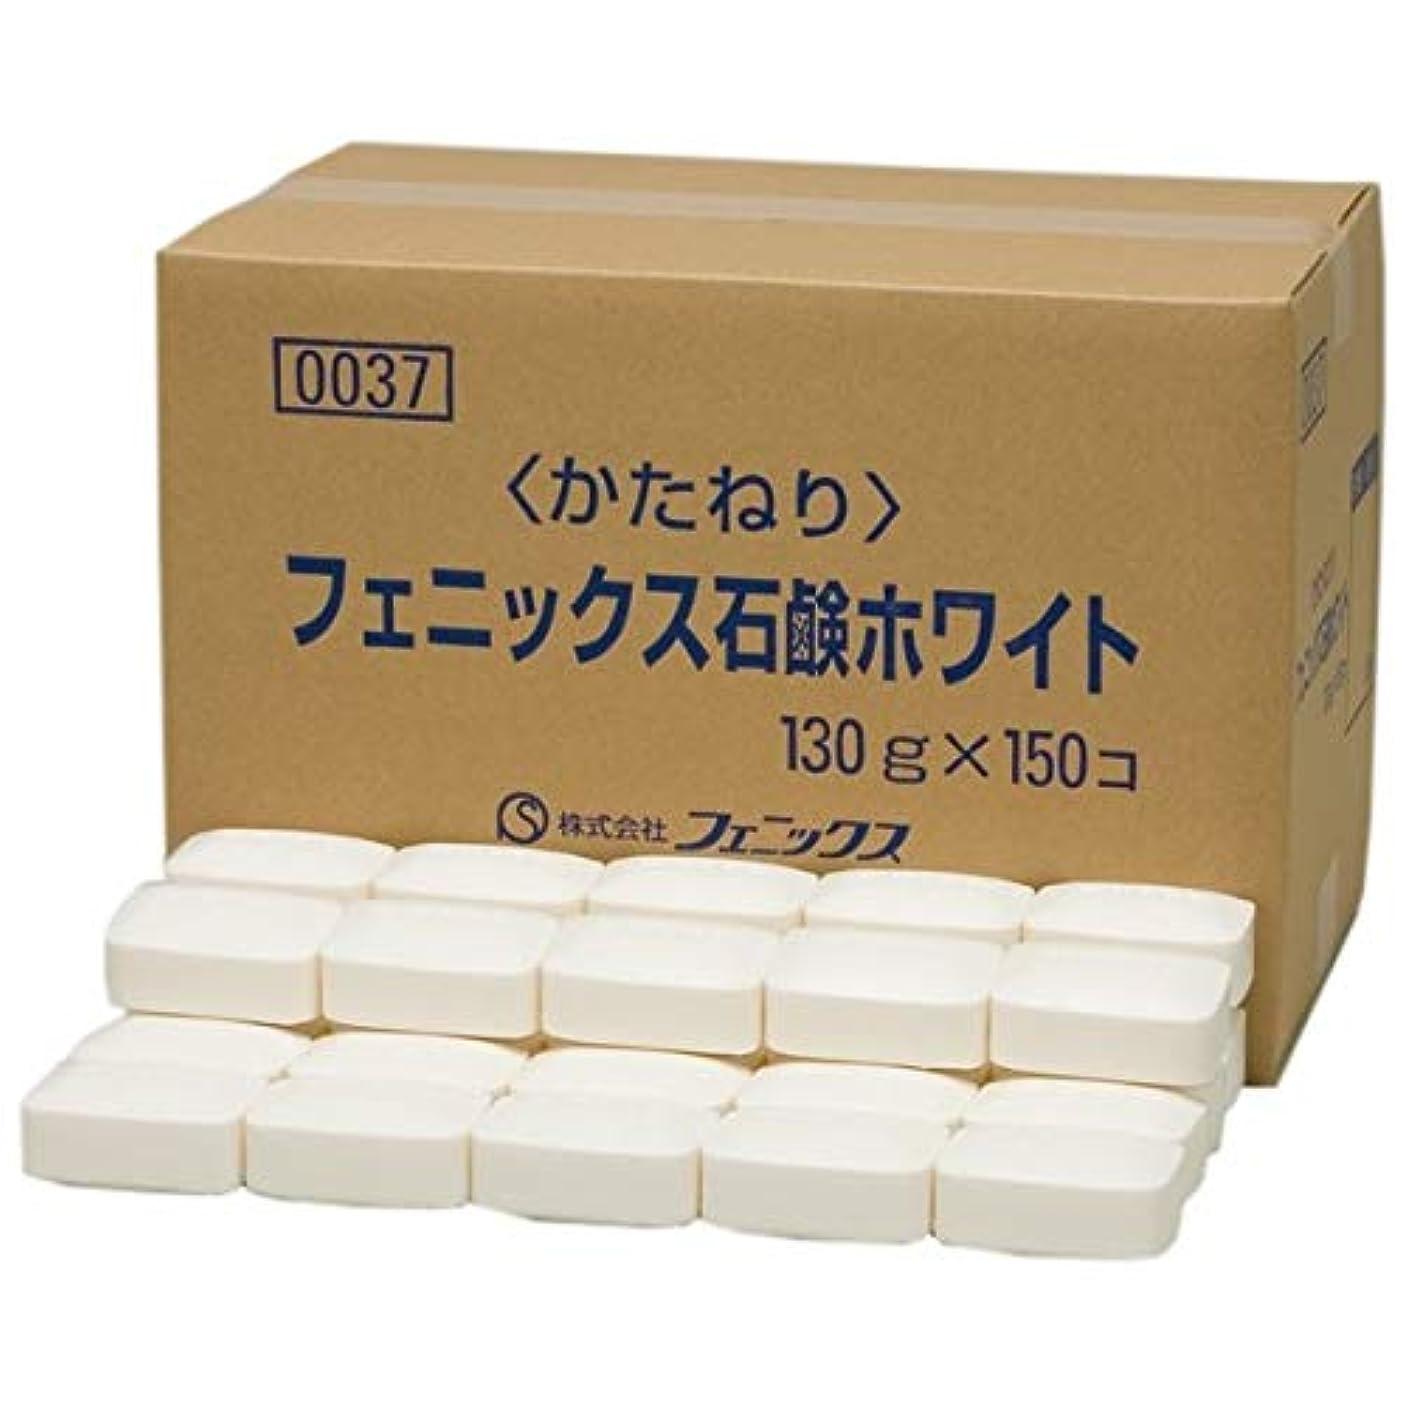 賞重要女王フェニックスホワイト石鹸 130g×150個入